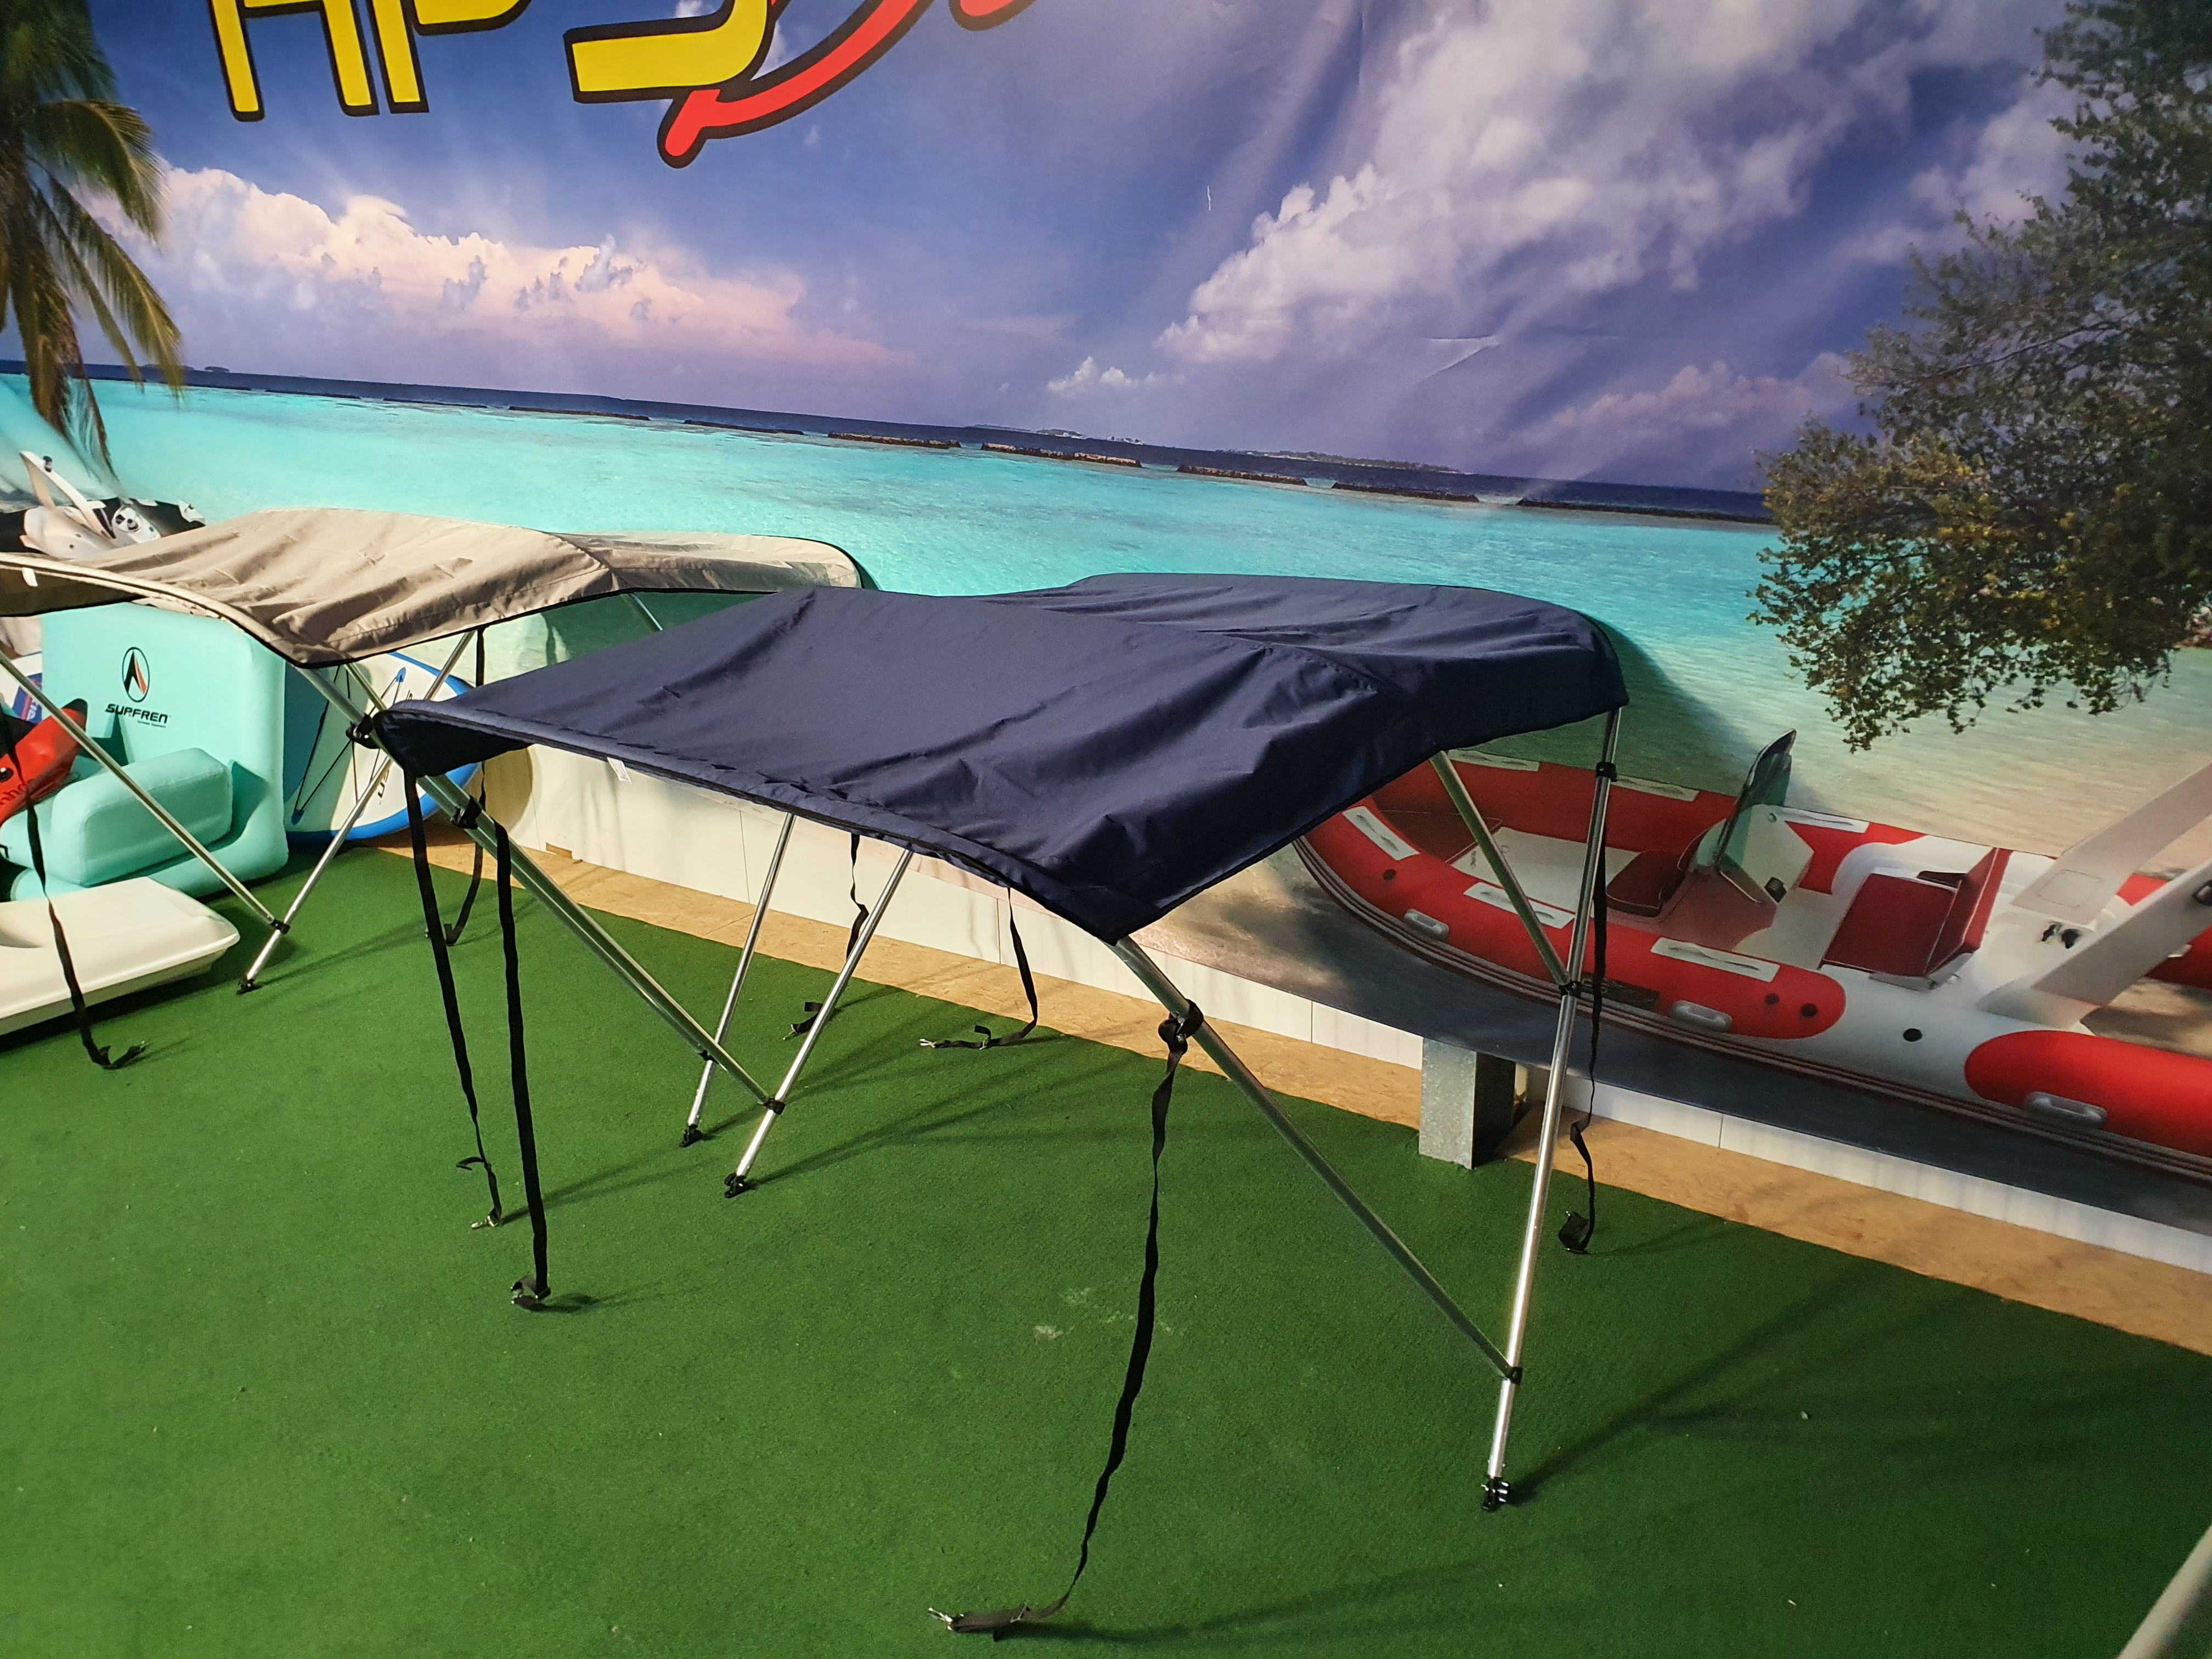 Bimini Top 1,90m -2,00mm in Blau für GFK Boot oder Schlauchboote